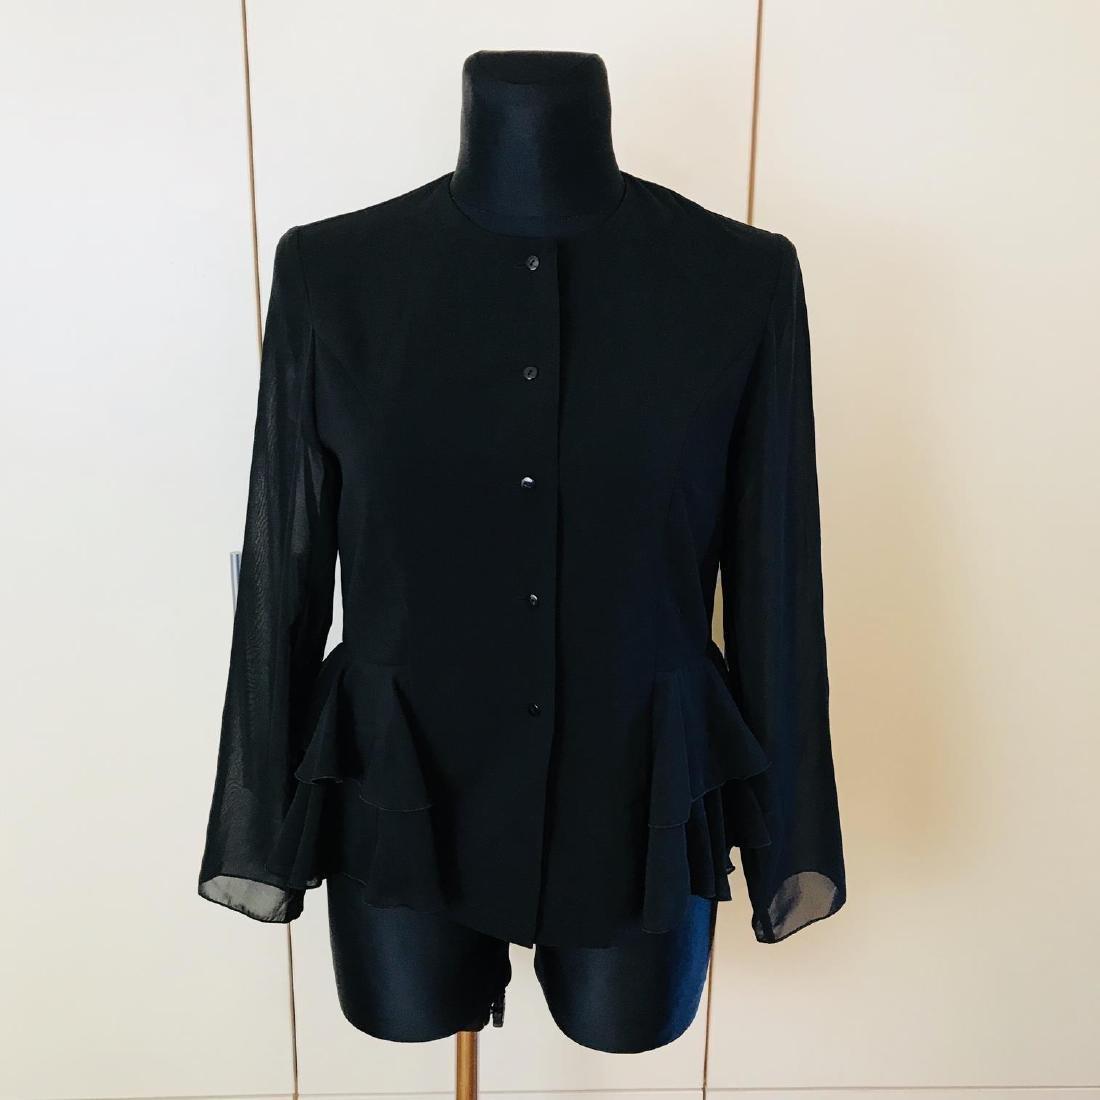 Vintage Women's Black Blouse Shirt Top Size EUR 40 US